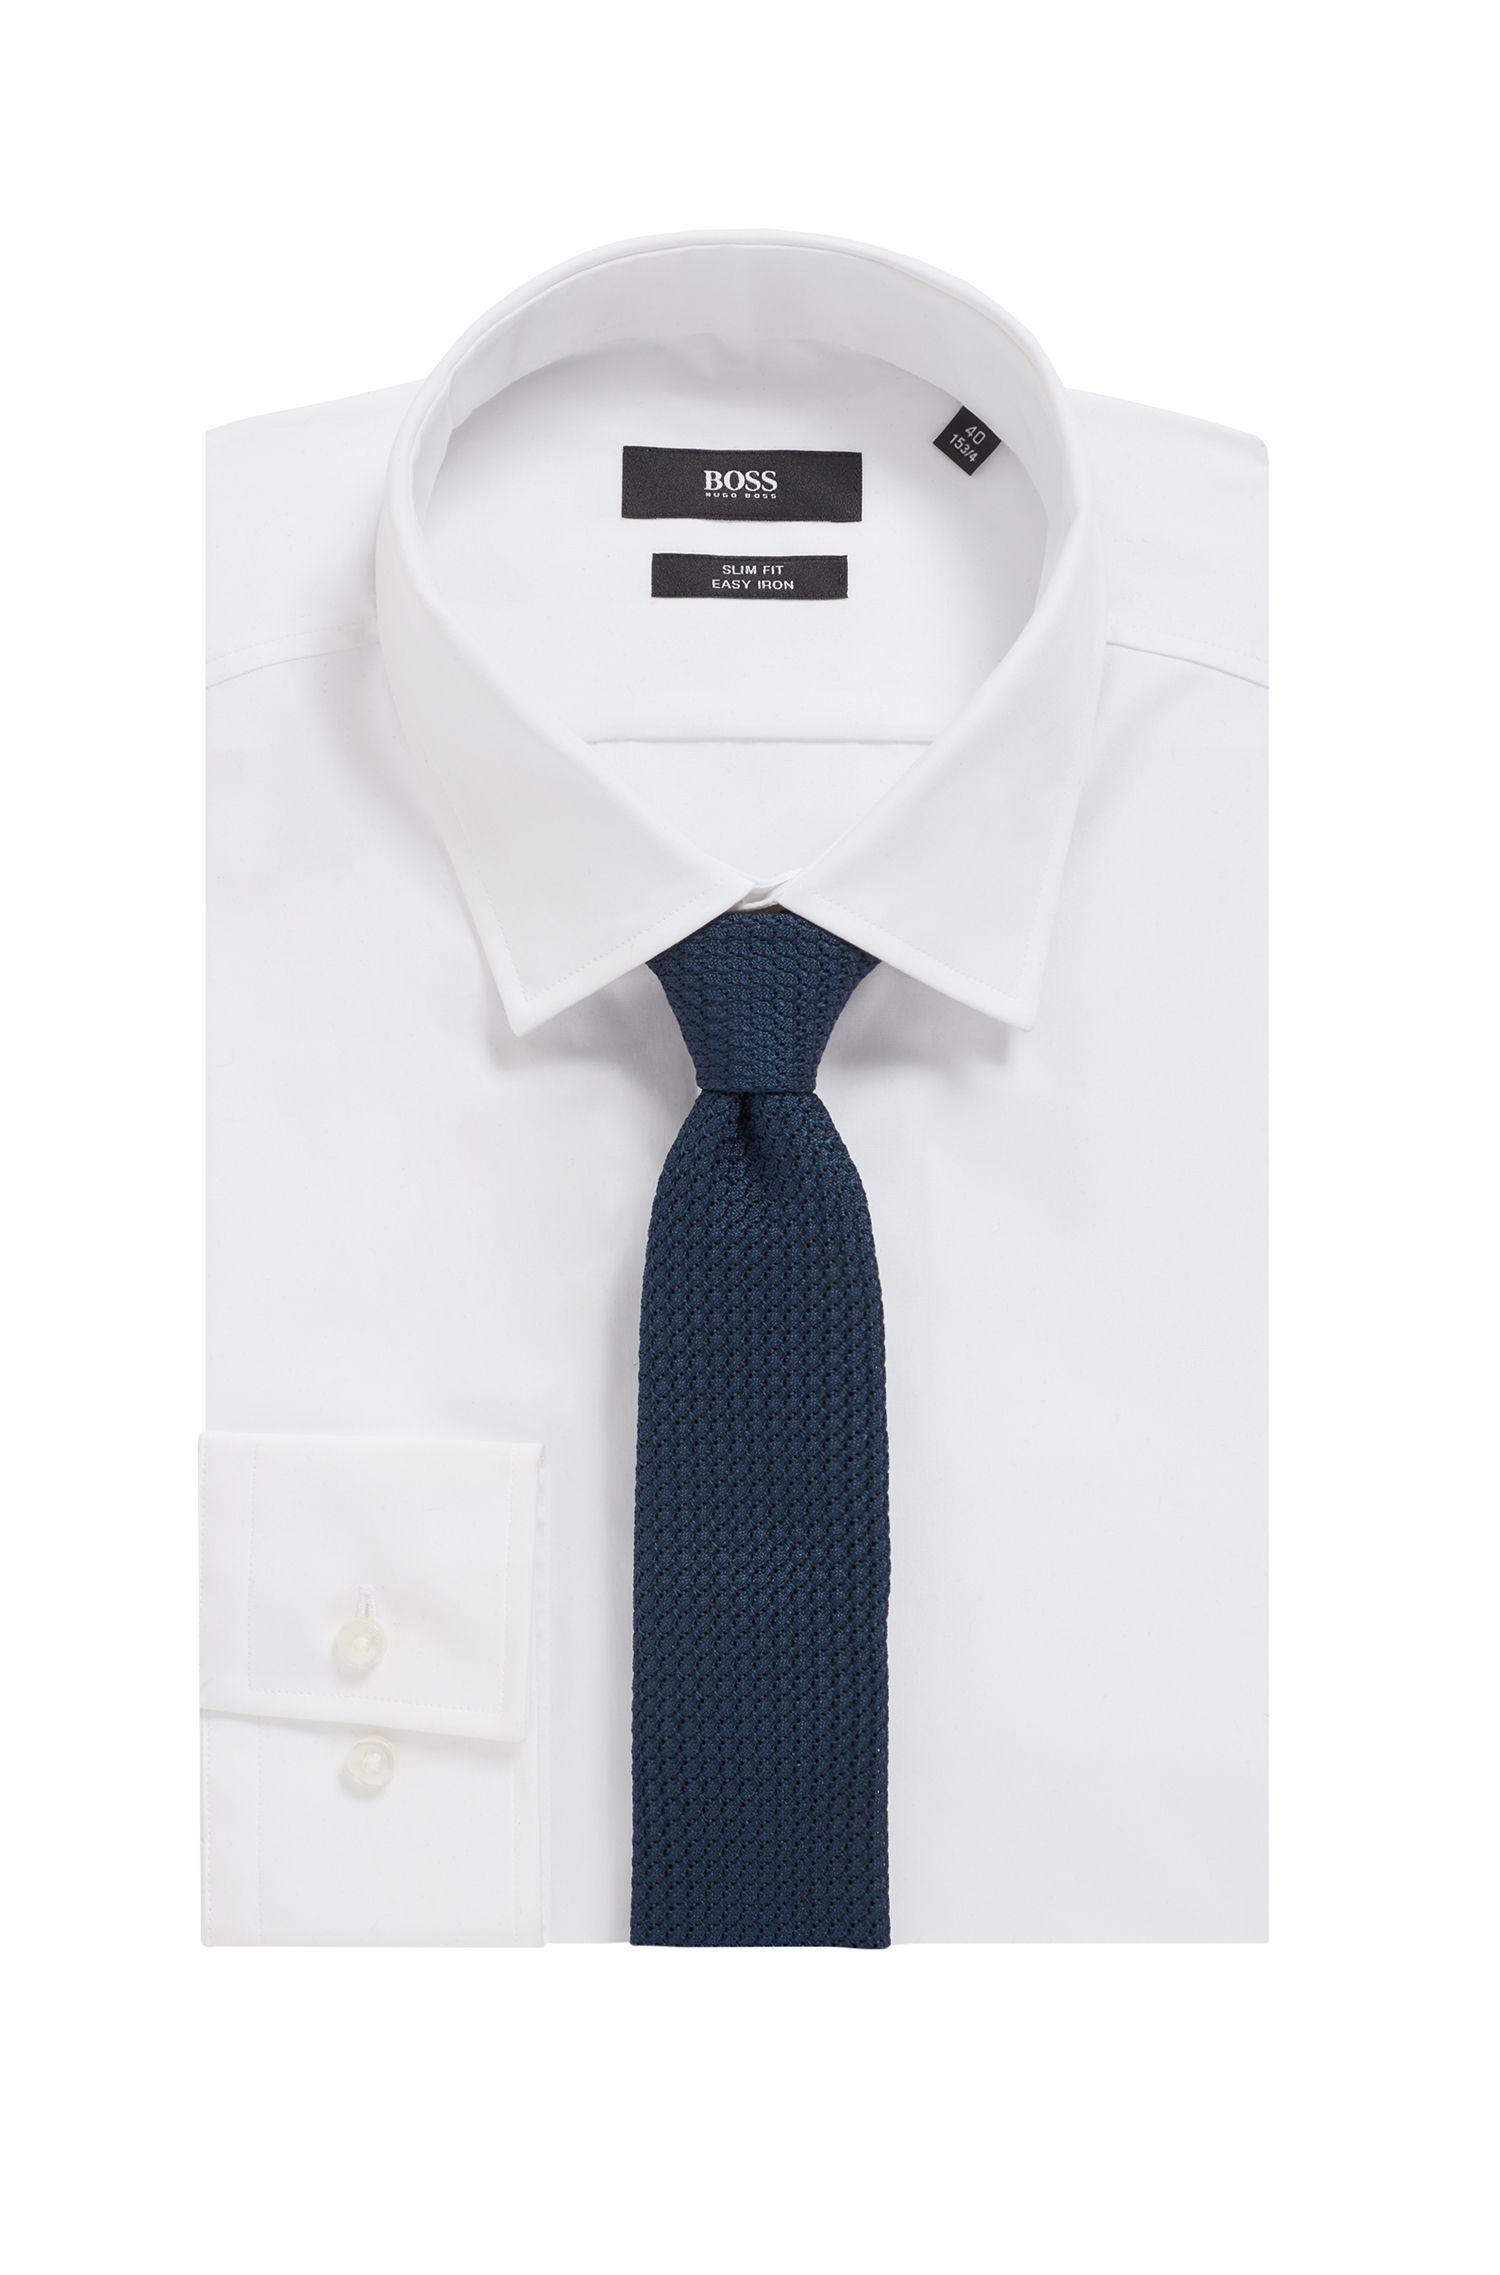 Cravate confectionnée à la main en pure soie, à la finition roulottée, Chaux